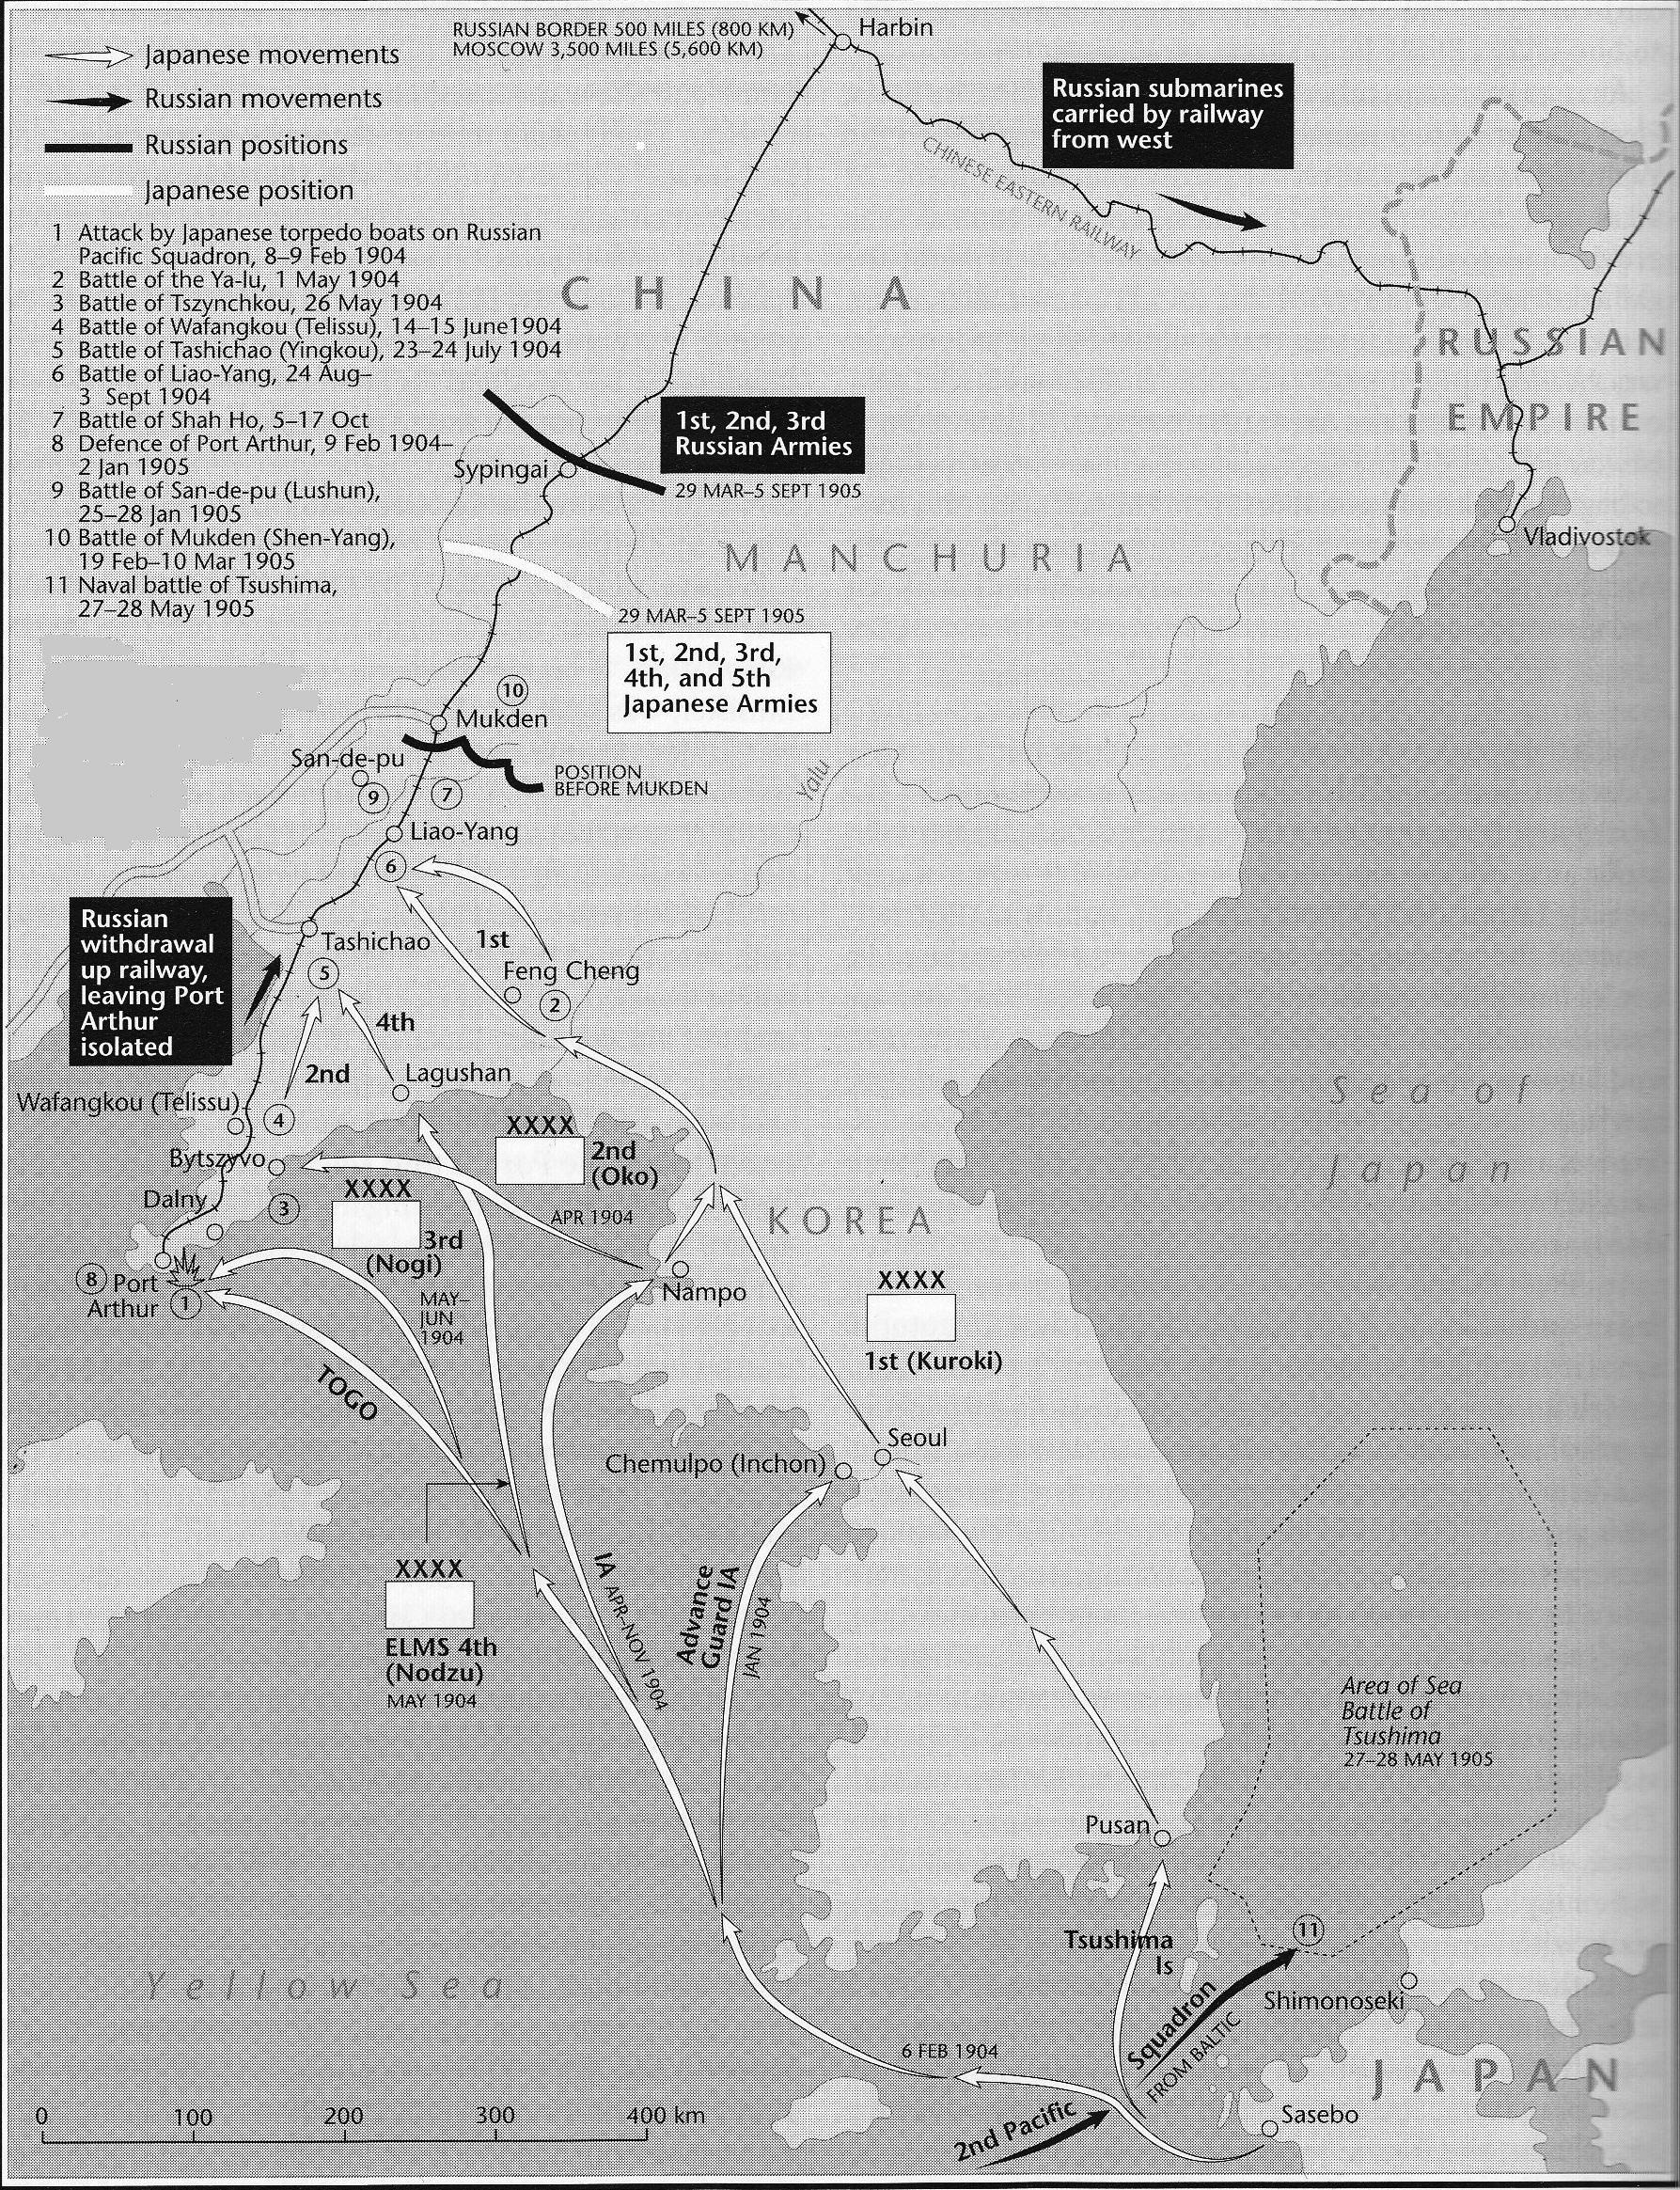 dissertation sur la guerre fraiche Composition d'histoire de terminale sur le thème du programme : la guerre froide (1947-1991), comportant une introduction suivie de 3 grandes parties constituées chacune de 2 à 4 sous-parties ainsi qu'une conclusion.